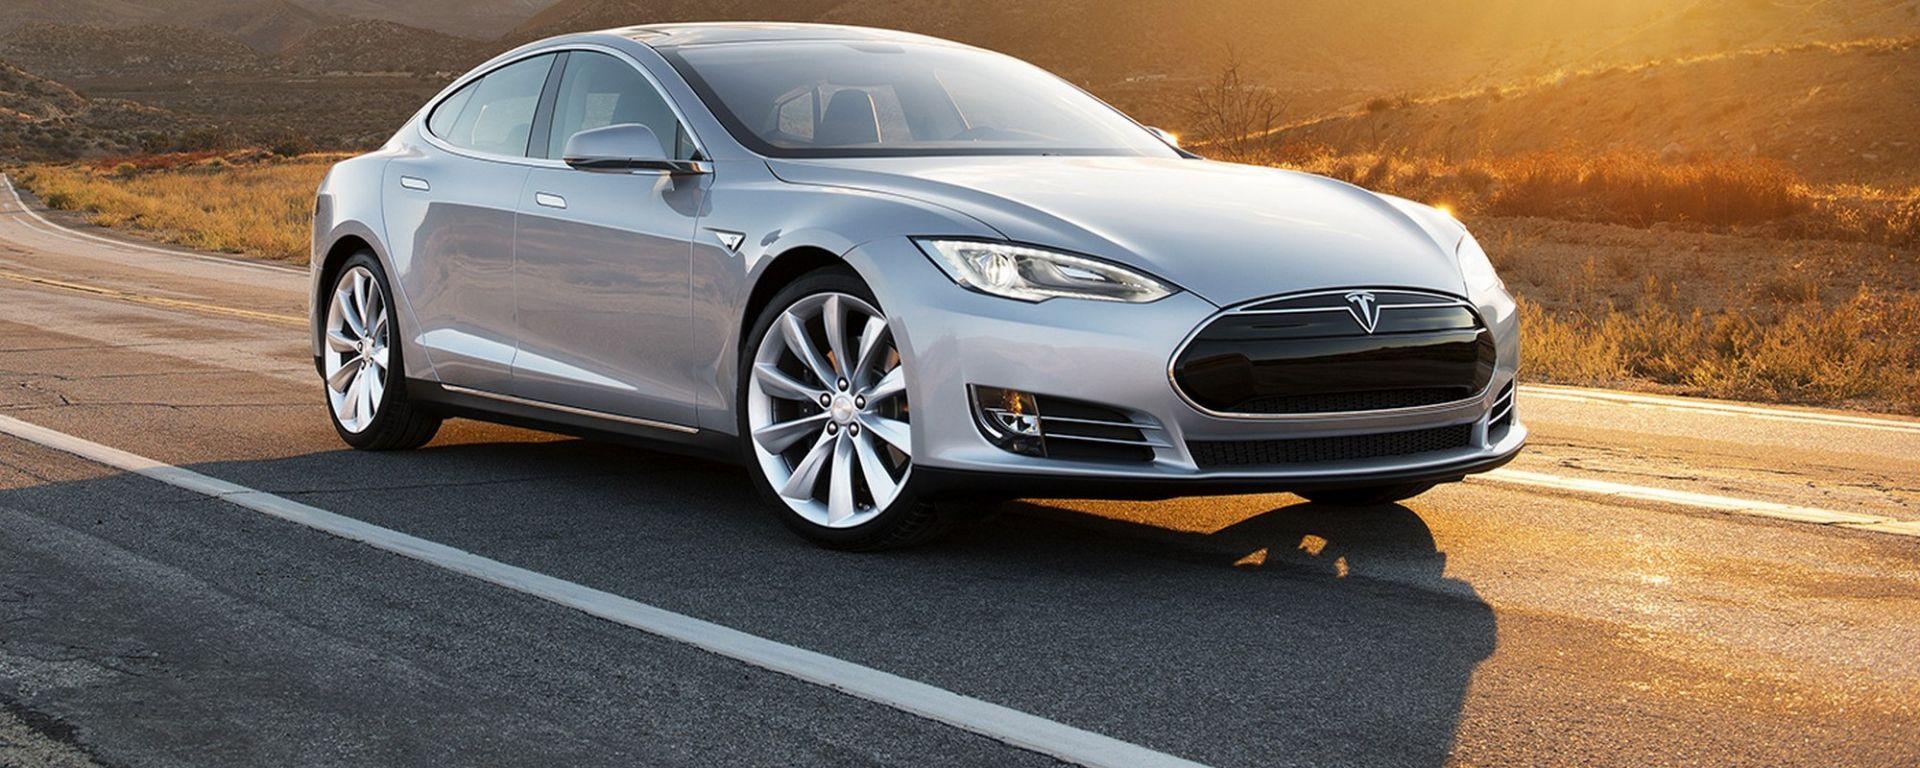 Tesla Model S, un altro schianto mortale in USA